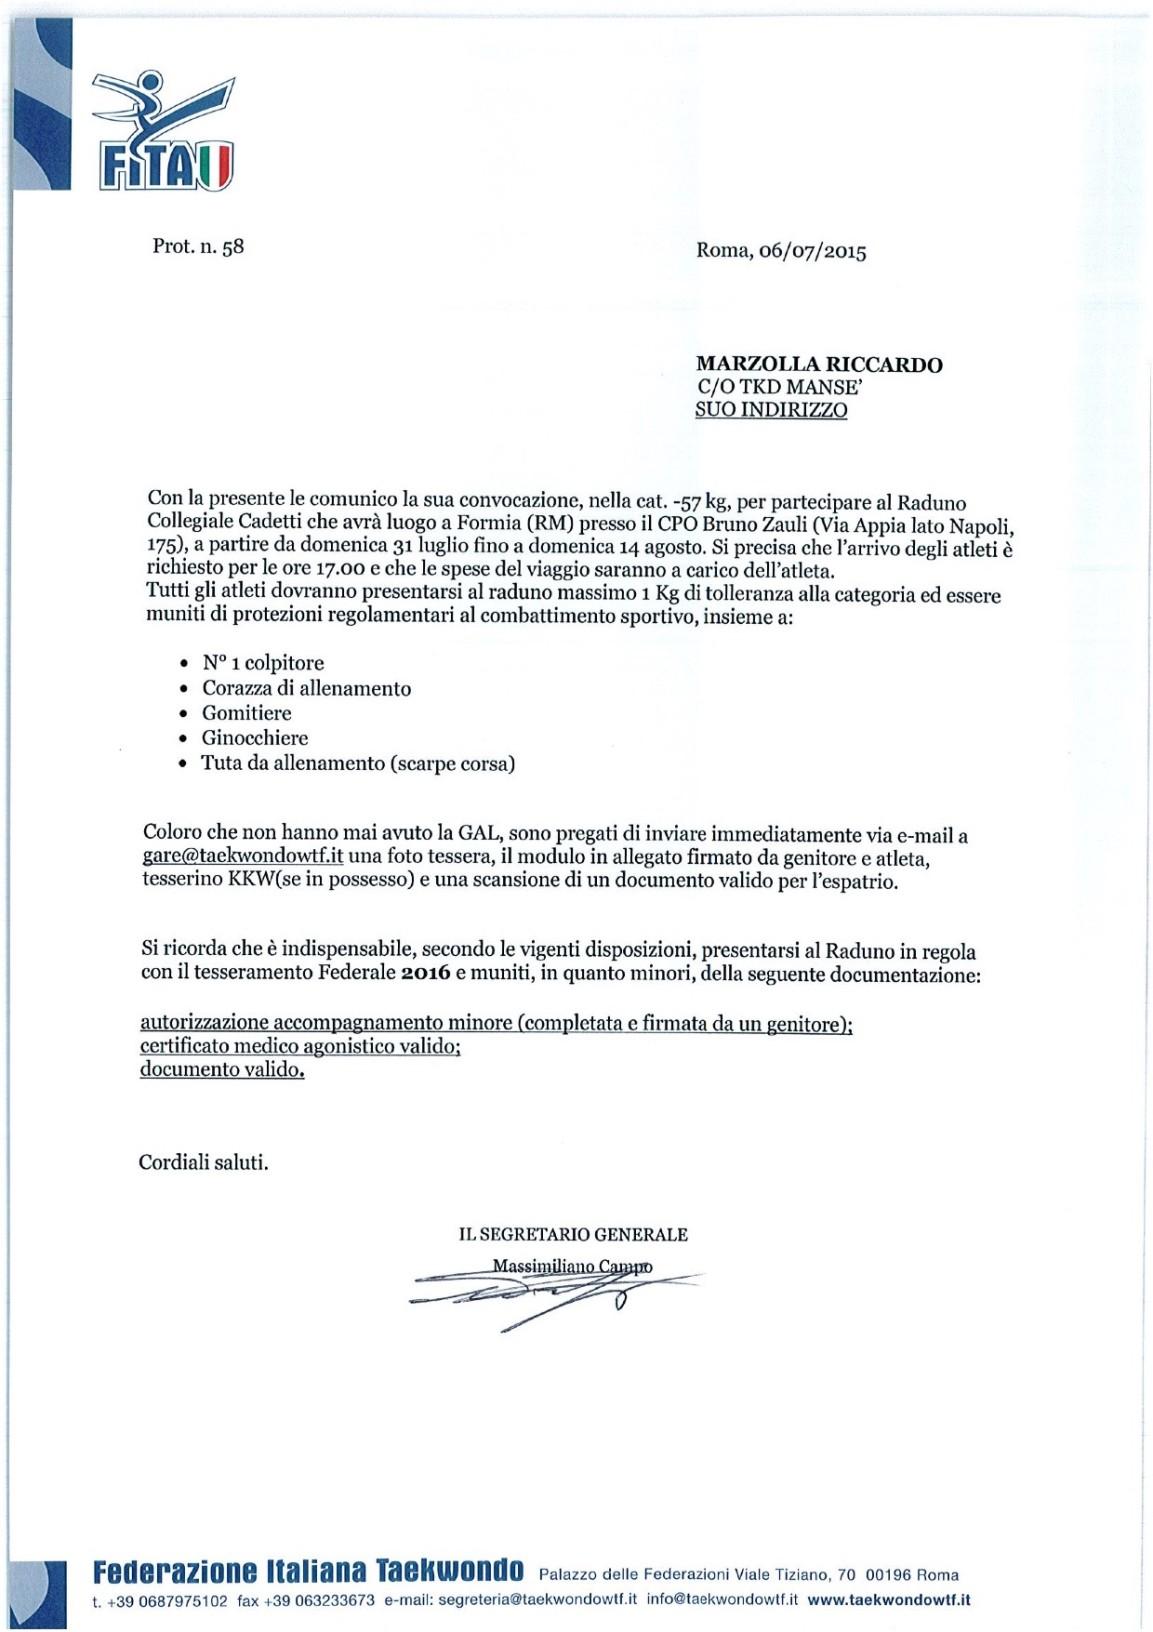 Foglio di convocazione per Riccardo Marzolla nella categoria cadetti a -57 kg